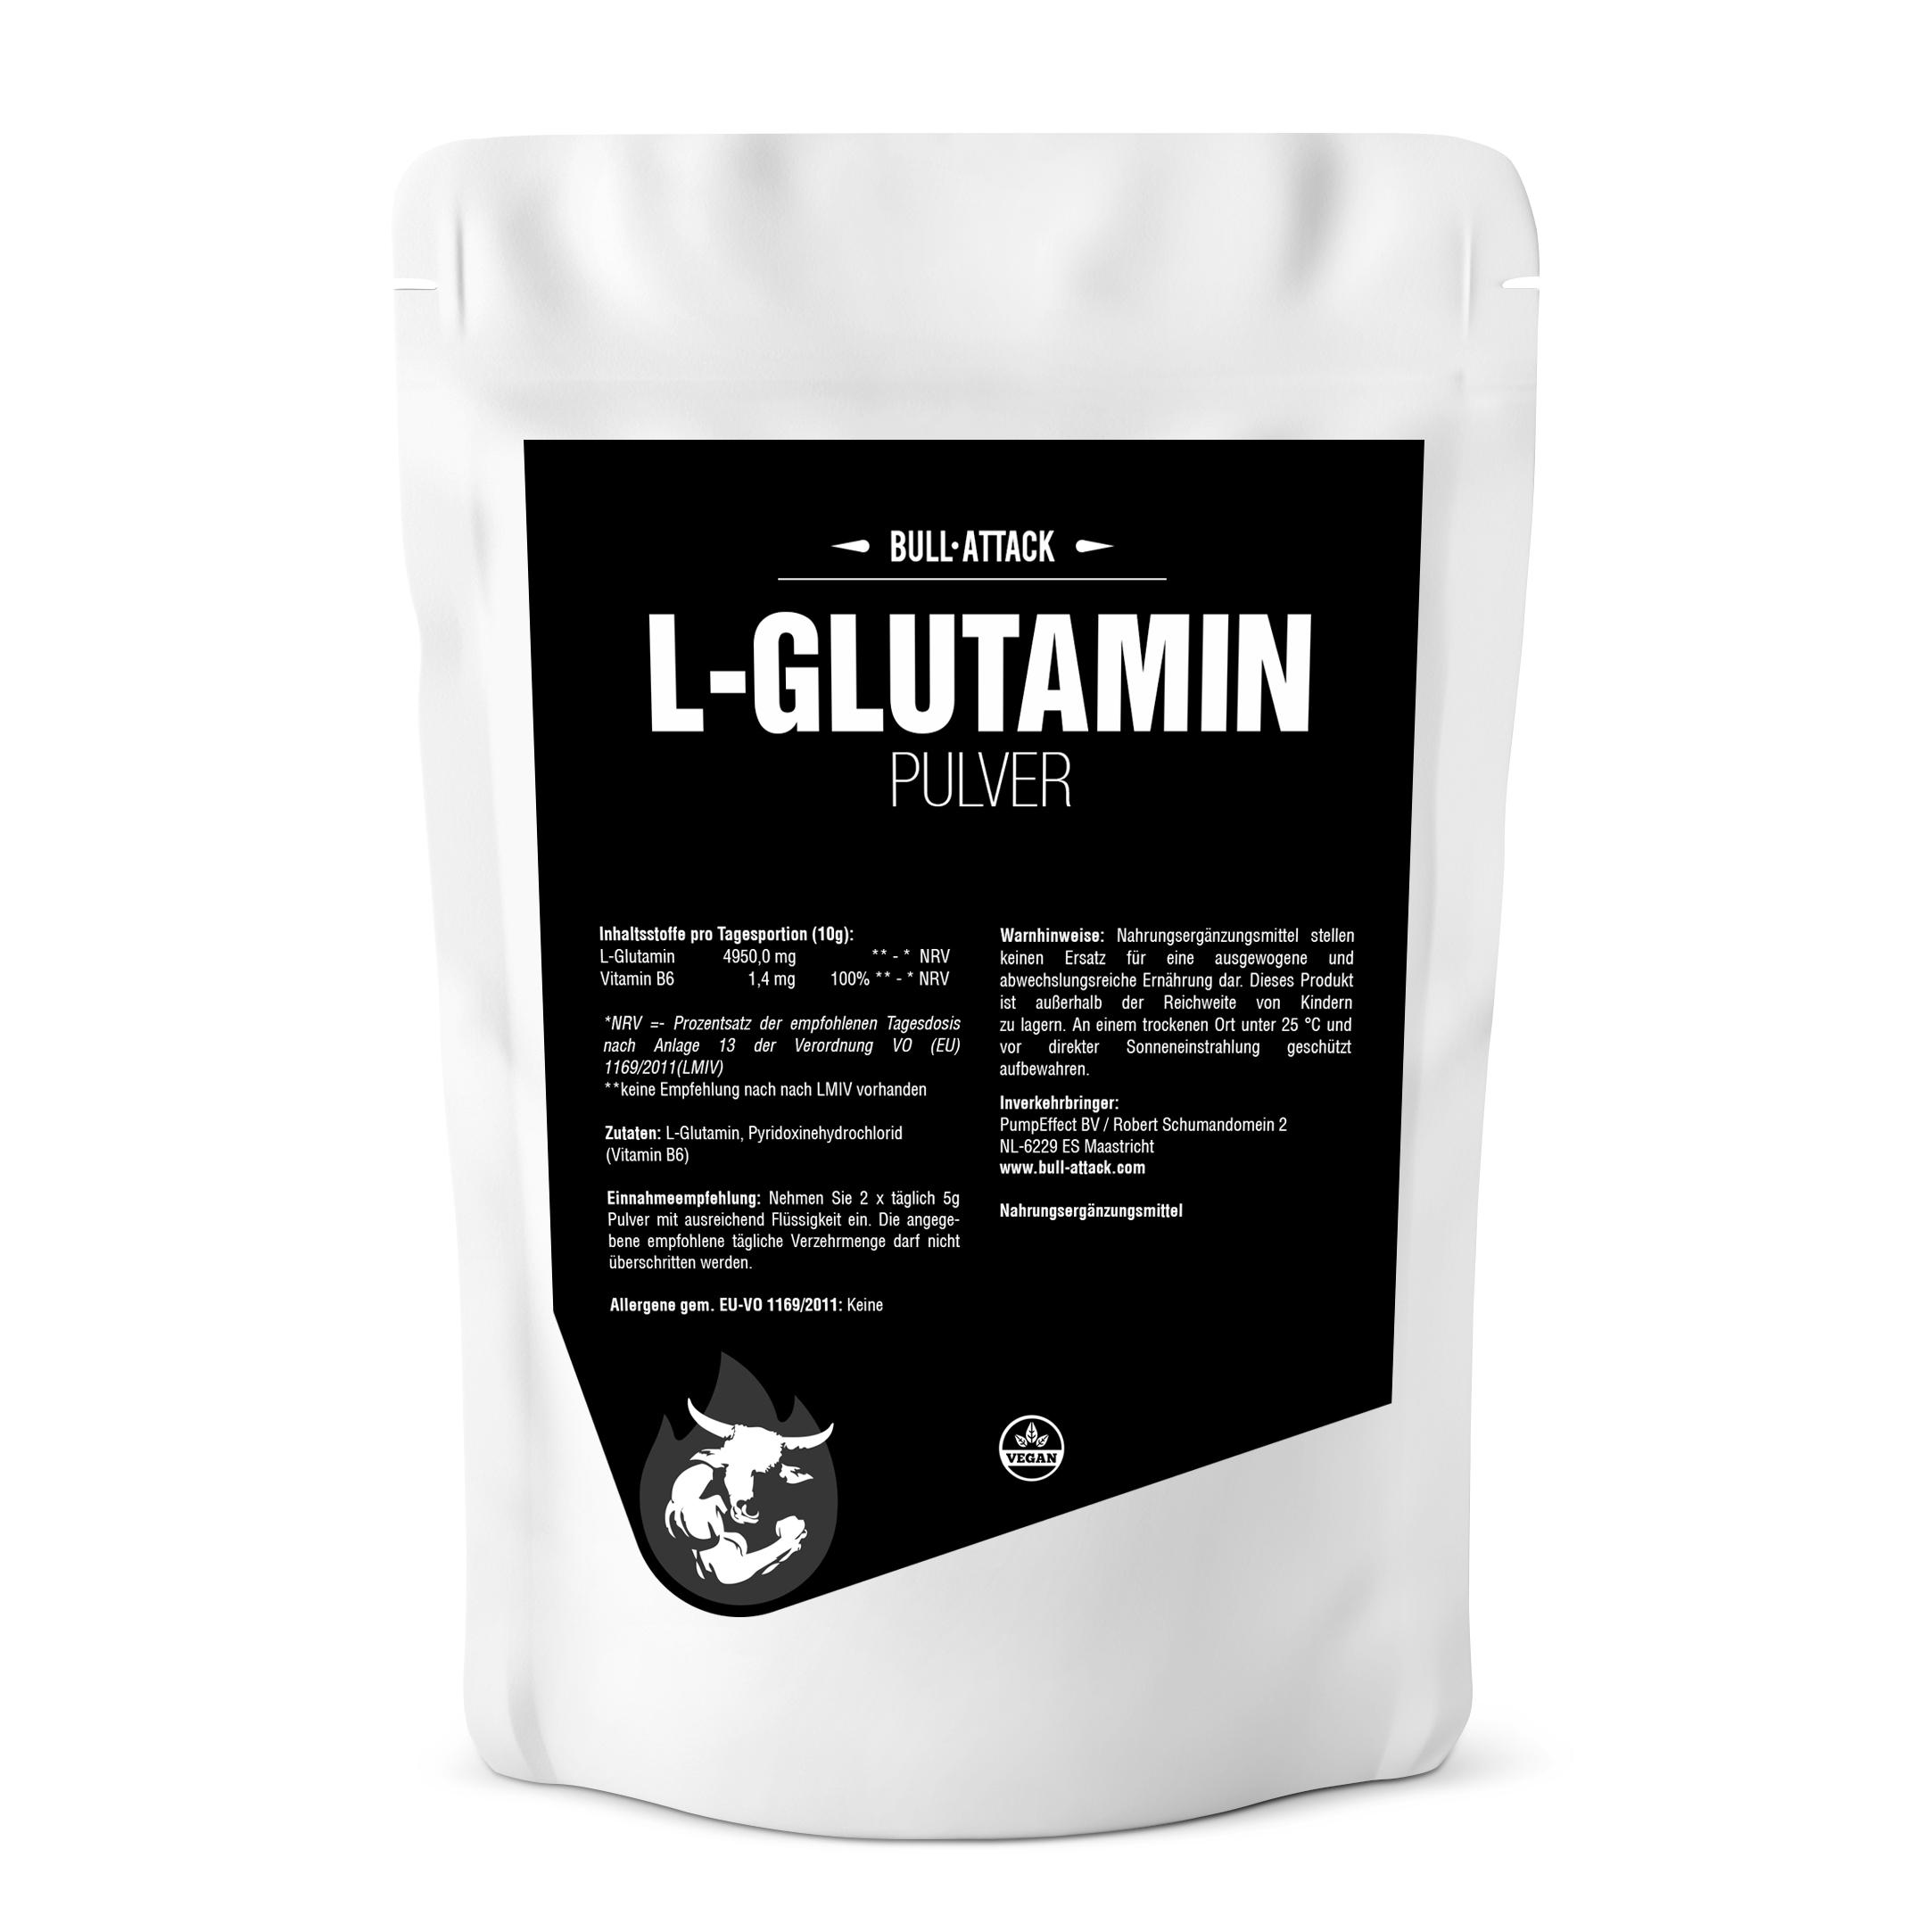 L-Glutamin Pulver | reines, hochwertiges Pulver 500g